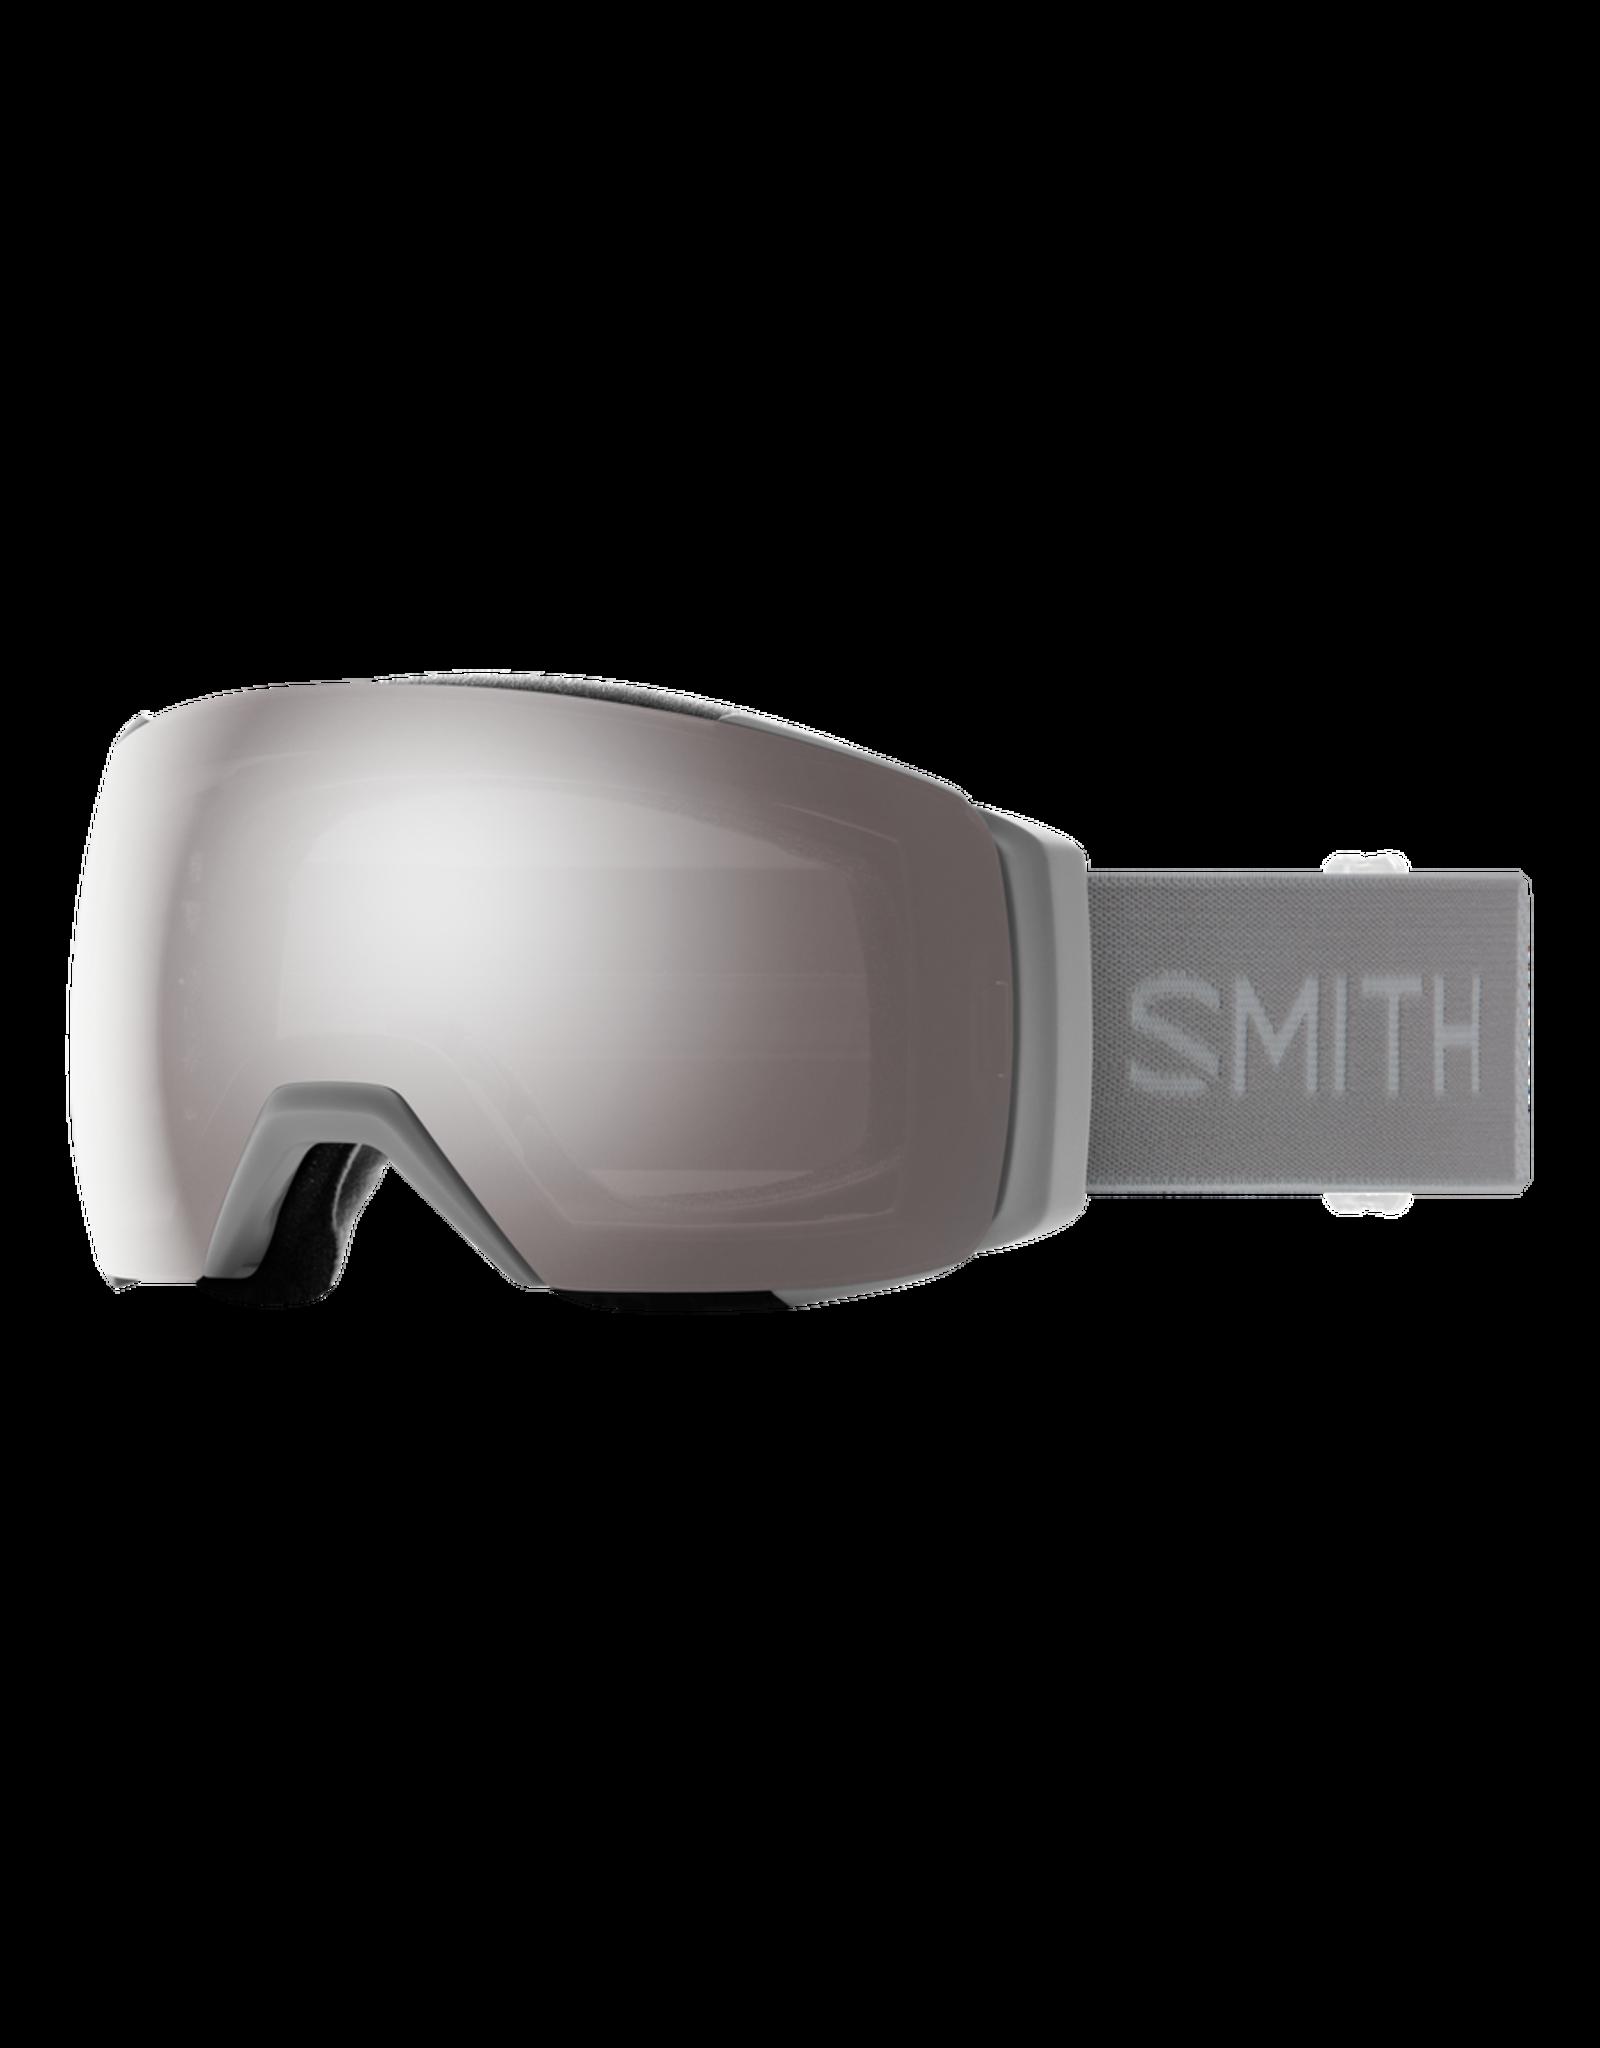 SMITH I/O MAG Cloudgrey w/Chromapop Sun Platinum and Chromapop Storm Rose Flash